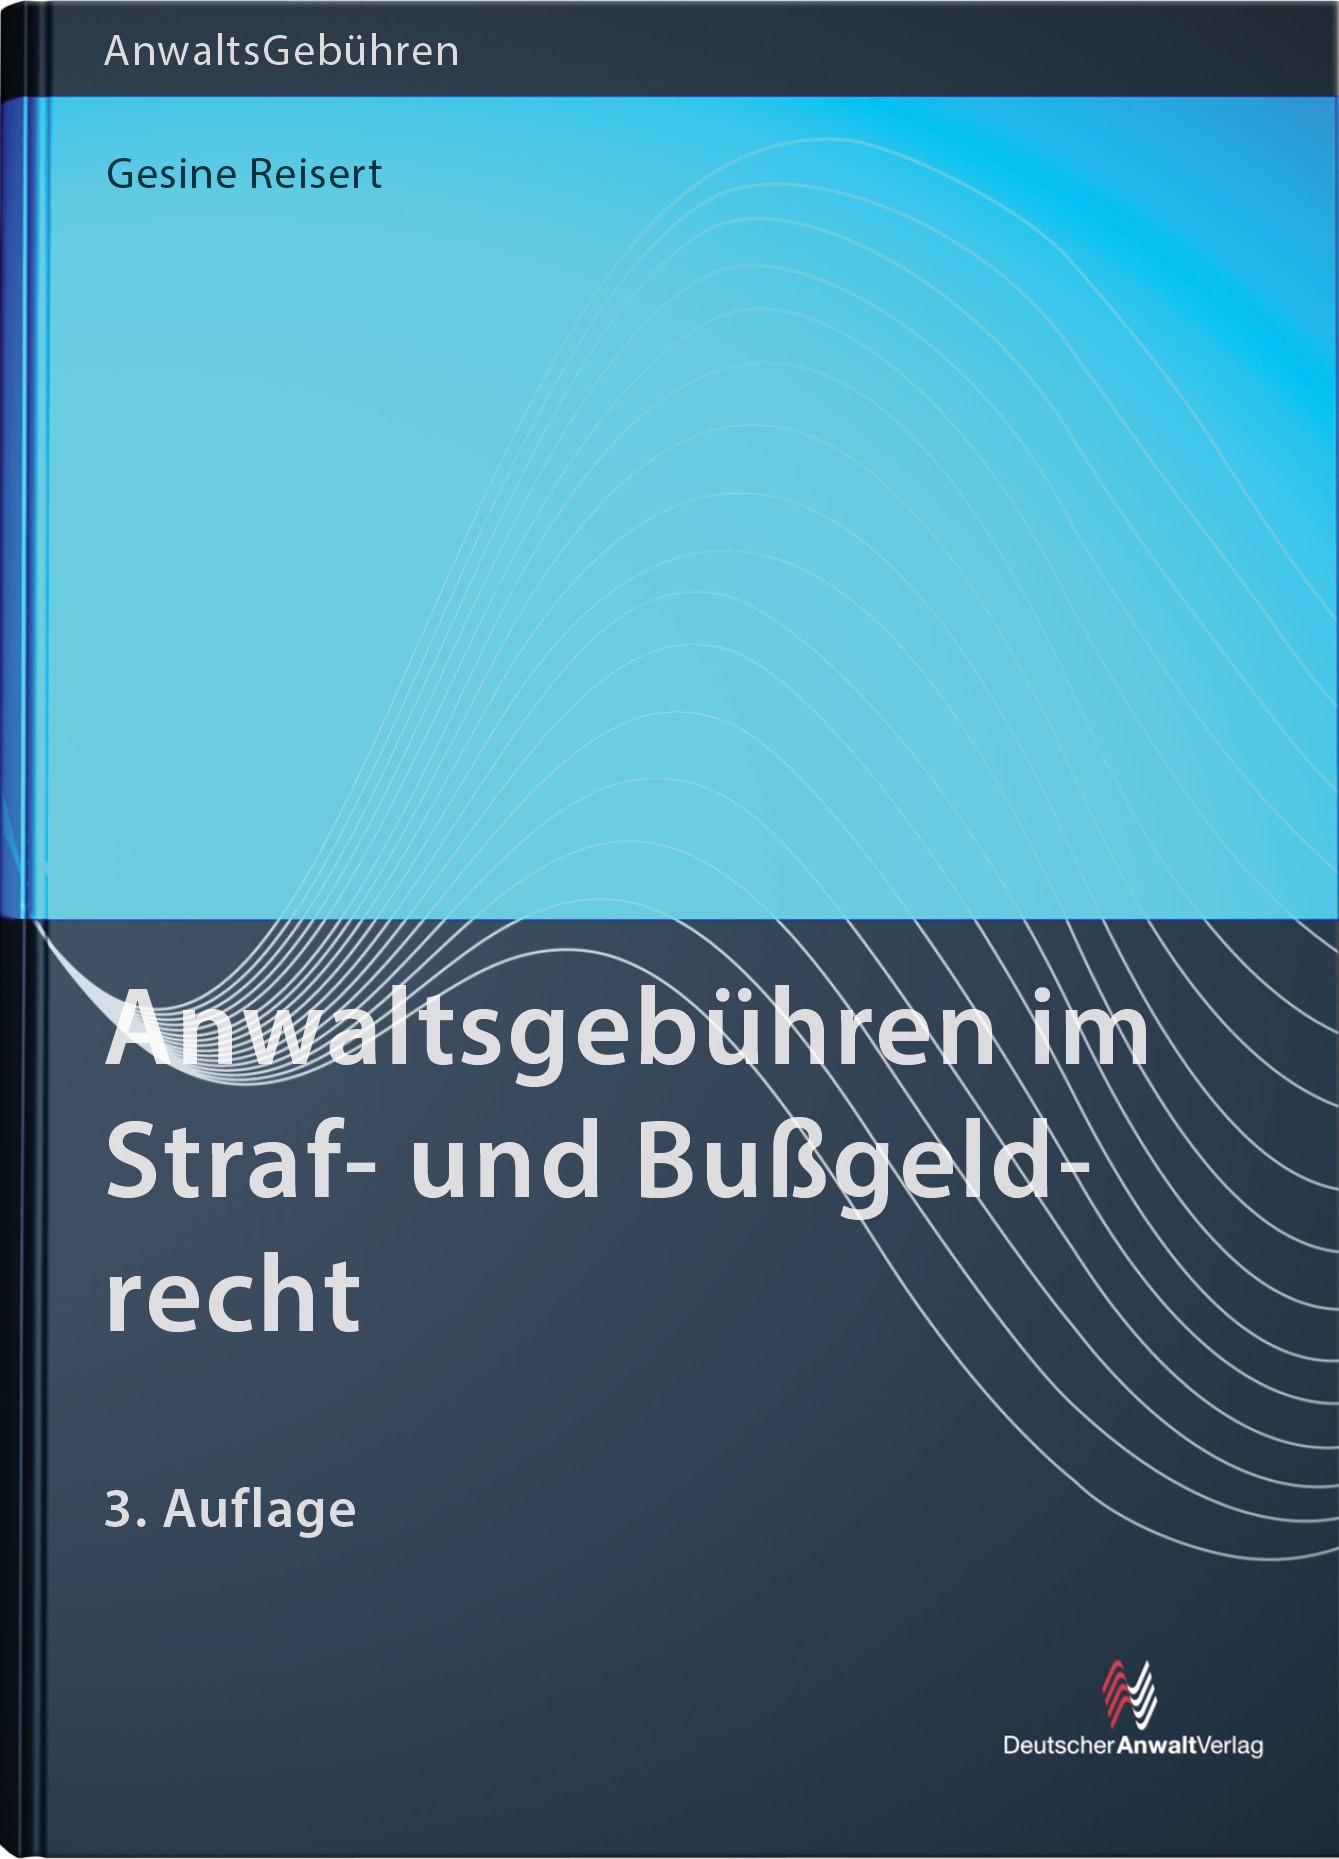 Anwaltsgebühren im Straf- und Bußgeldrecht | Reisert | 3. Auflage, 2019 | Buch (Cover)